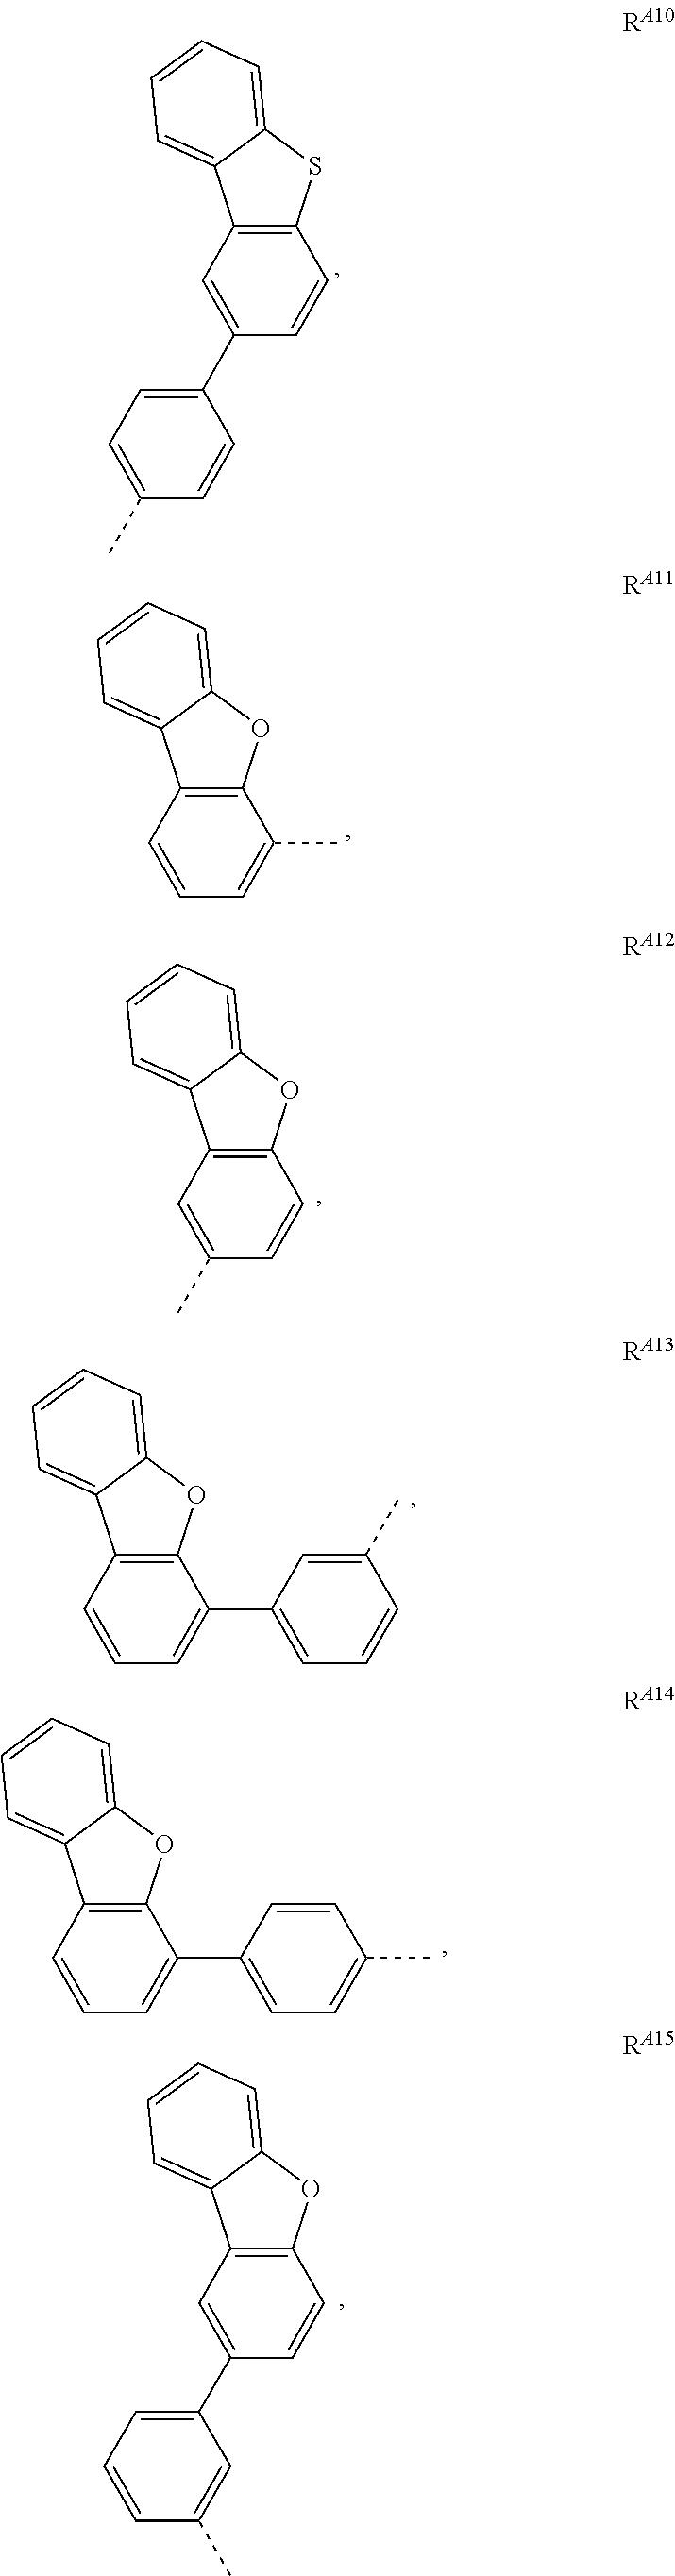 Figure US09761814-20170912-C00248